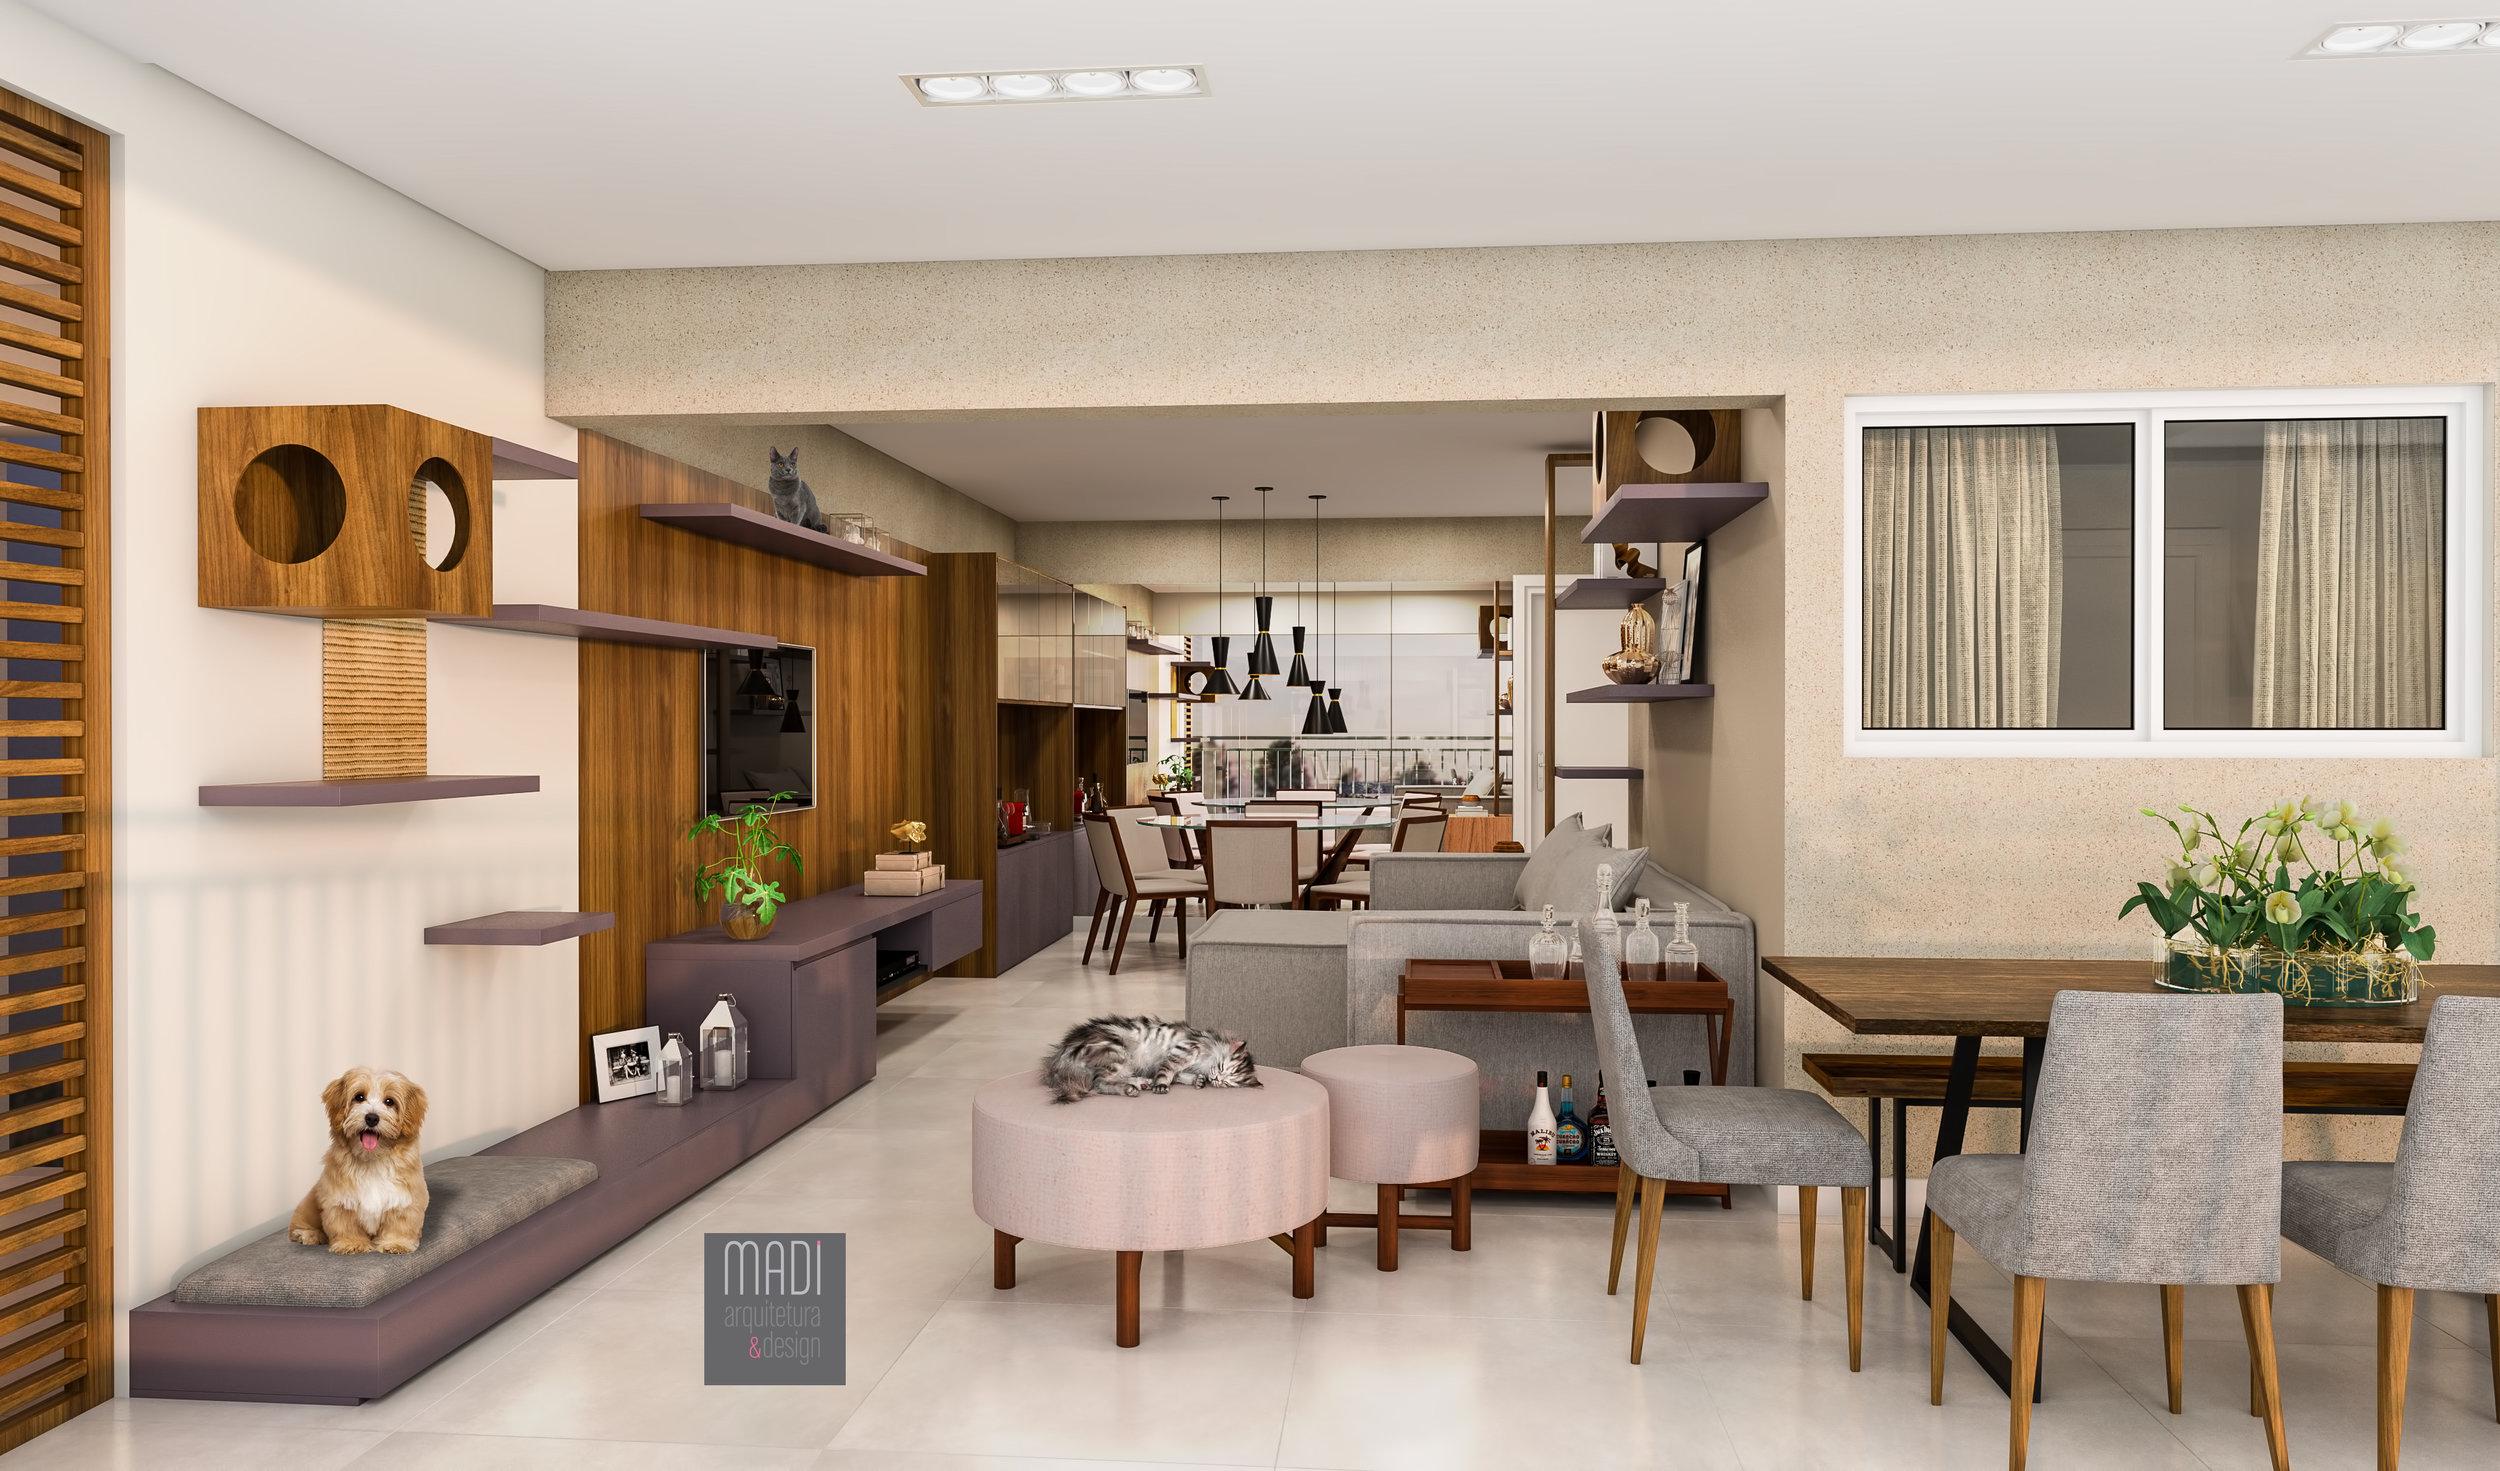 Salas e Varanda integradas  Apto Pedrália - Bosque da Saúde - São Paulo / SP  Projeto: Madi Arquitetura & Design  Imagem: Érica Alfieri